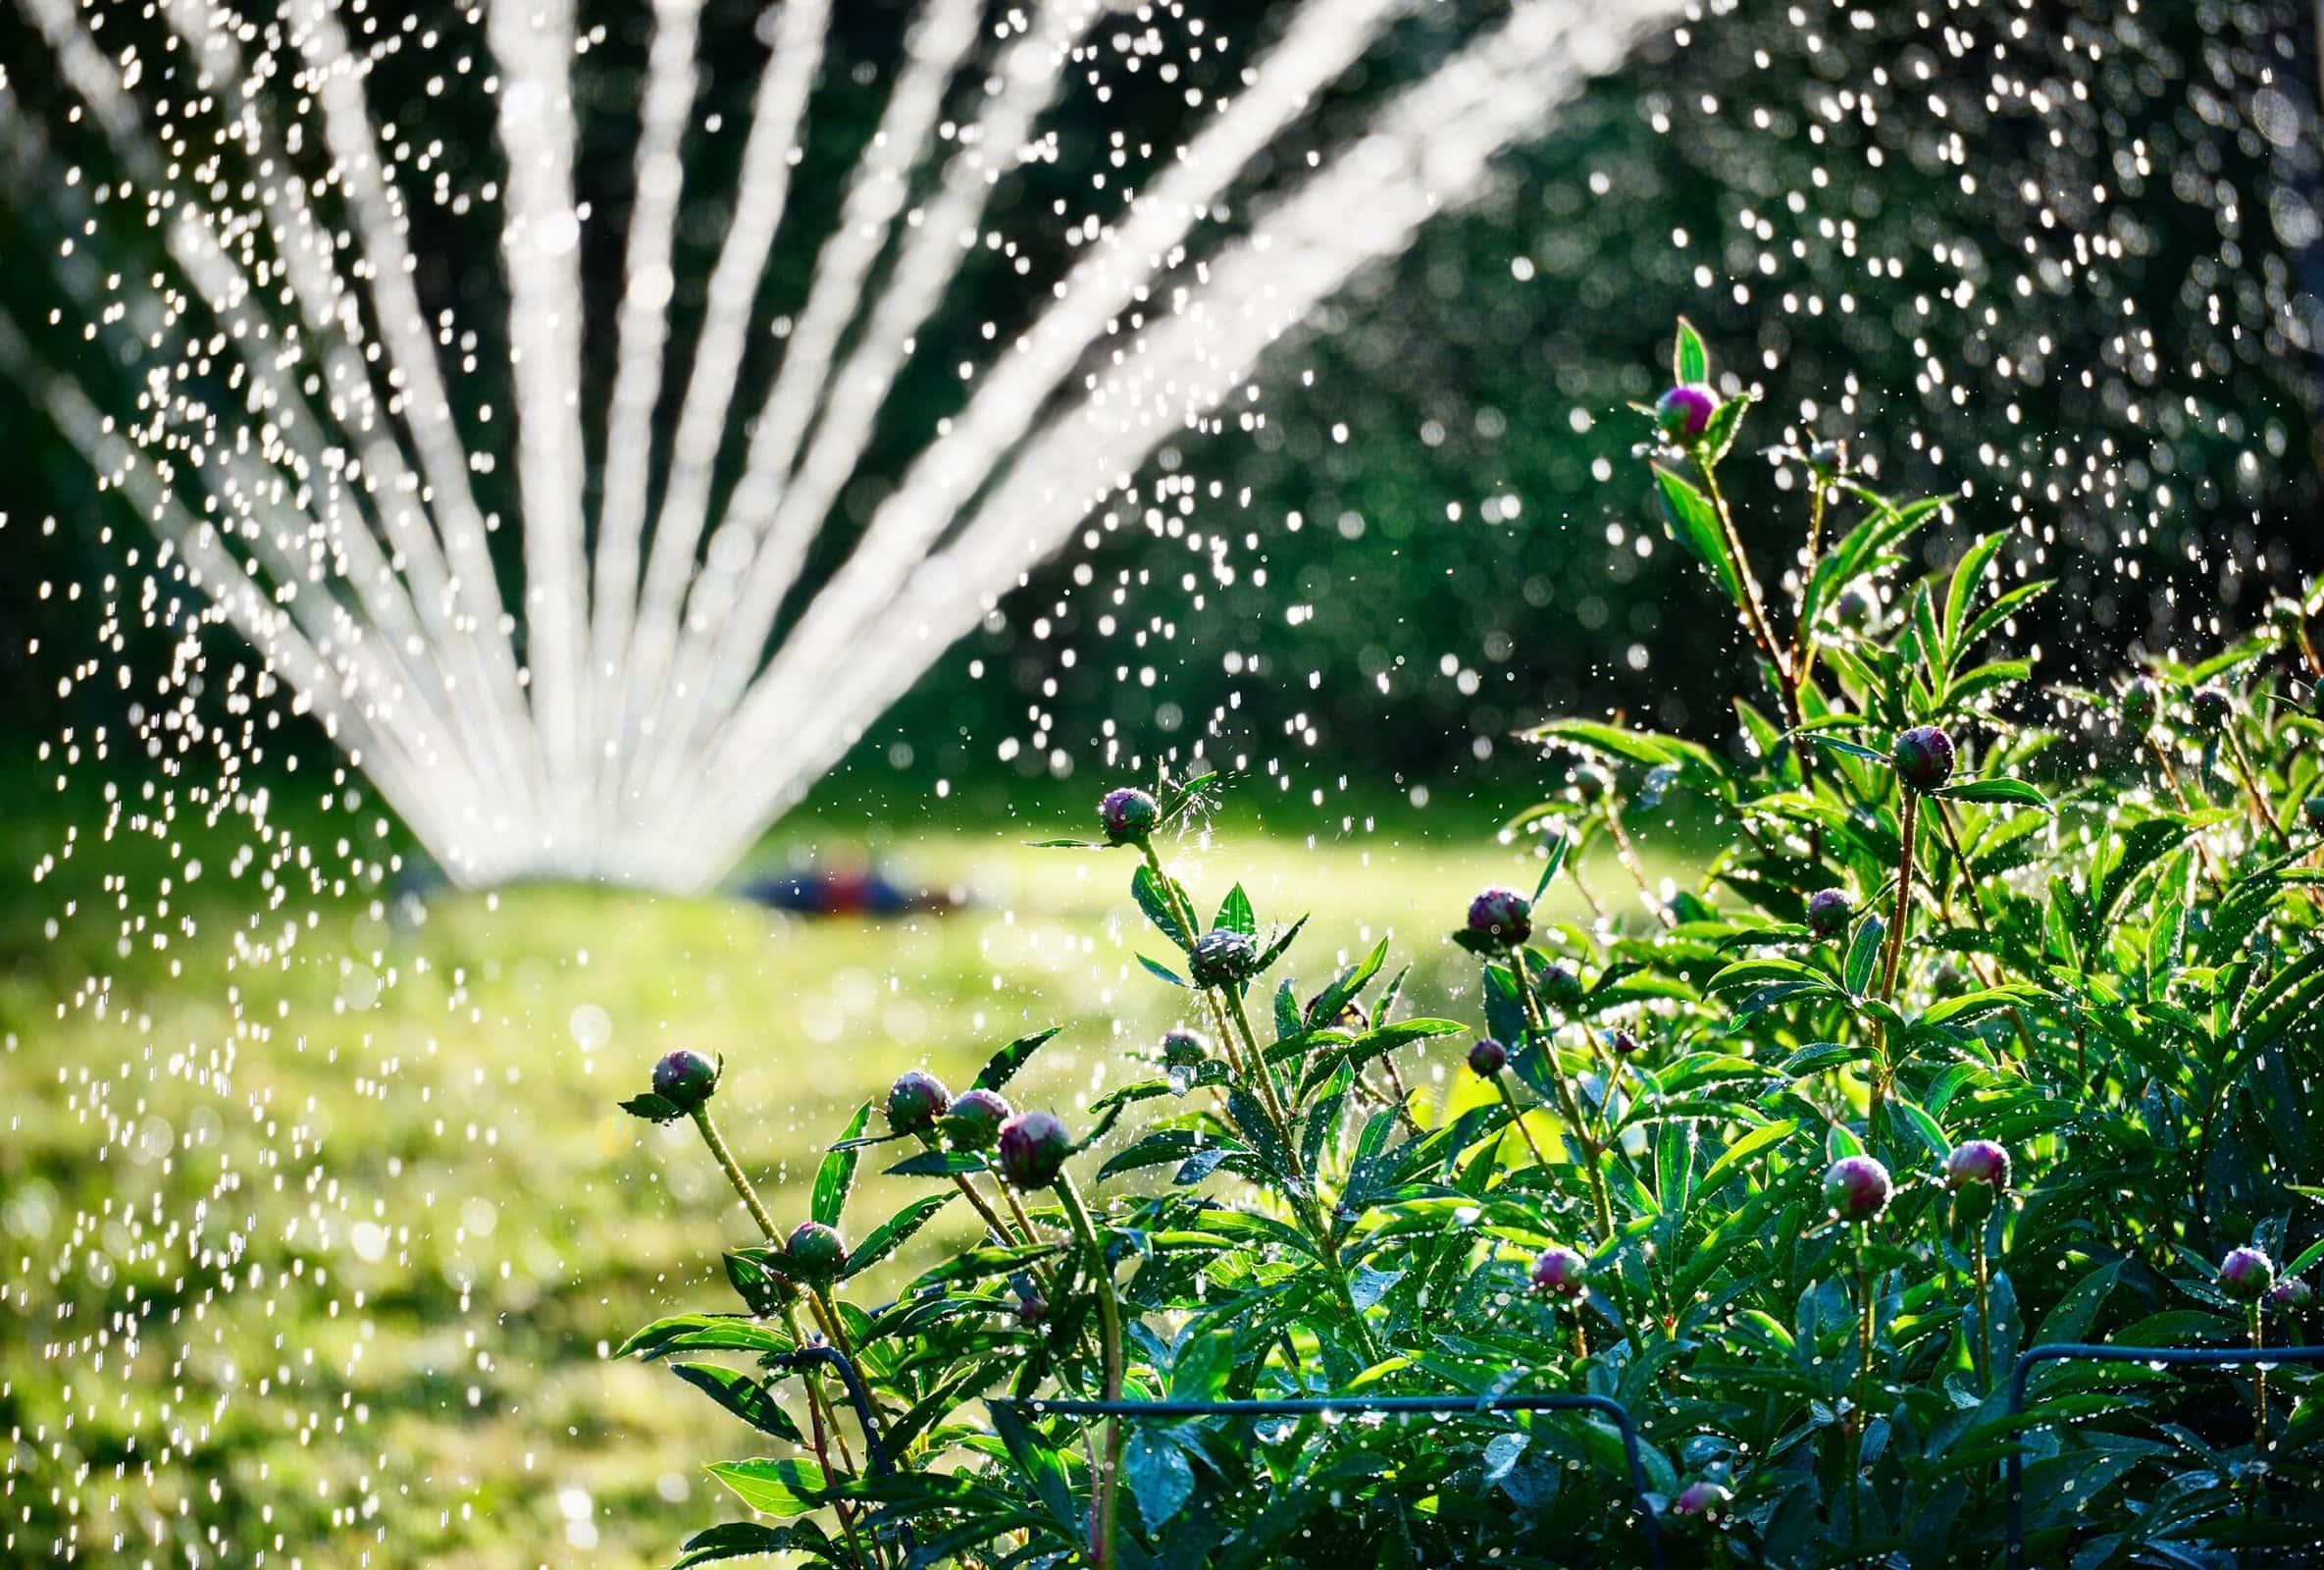 sprinkler in a garden shutterstock_141674512